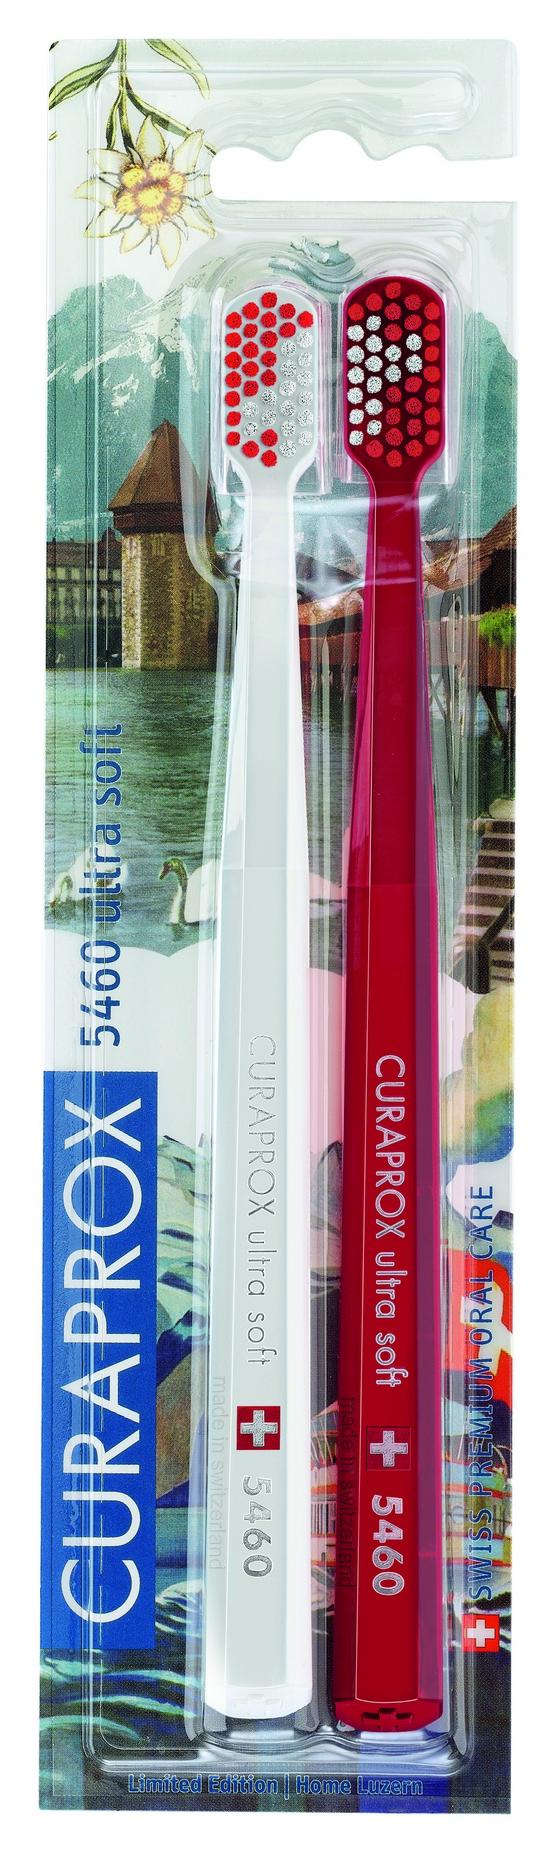 Купить CURAPROX Набор зубных щеток ultrasoft, d 0.10 мм / Duo Swiss 2 шт